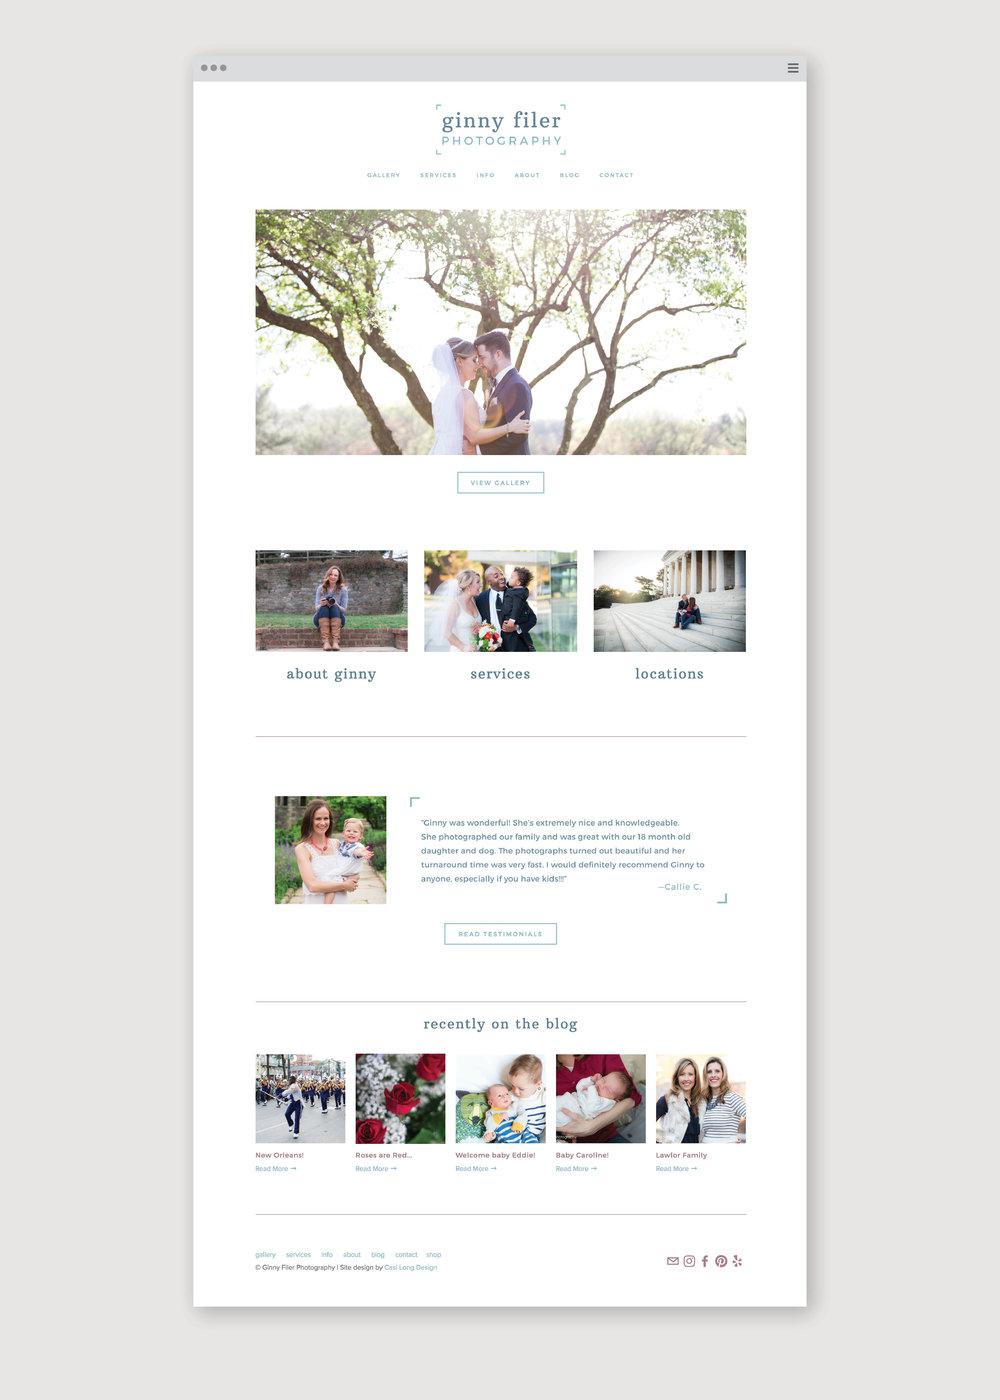 Ginny Filer Photography | Casi Long Design | casilong.com